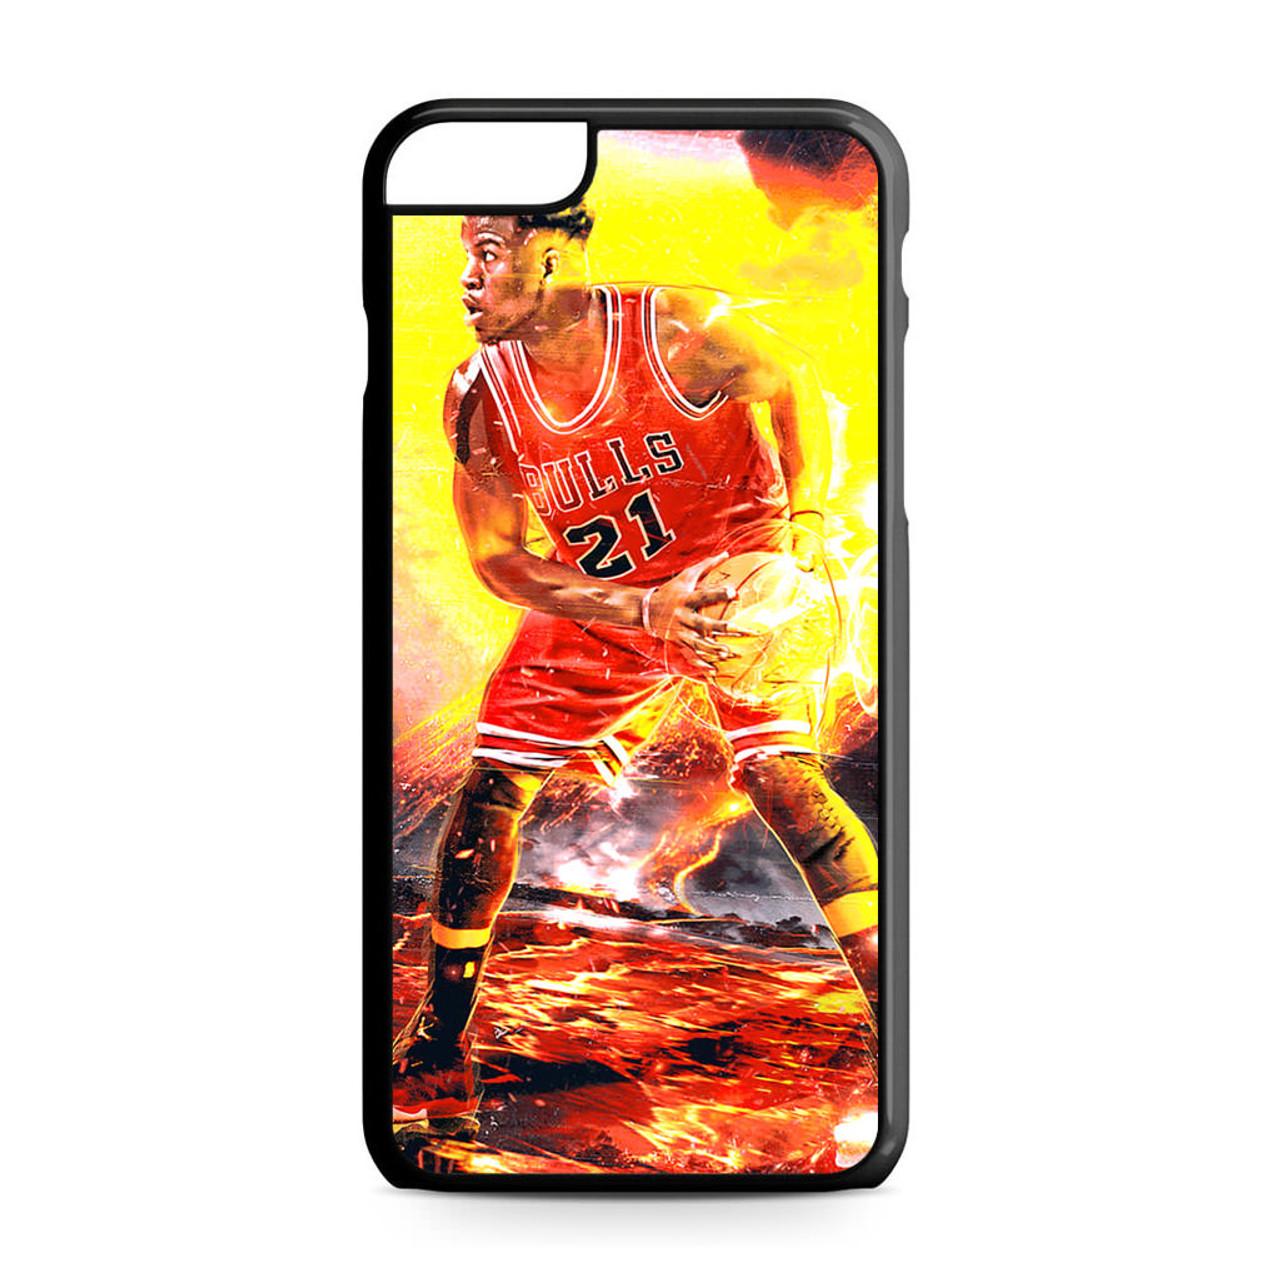 b19556a74da7 Jimmy Butler iPhone 6 Plus 6S Plus Case - CASESHUNTER